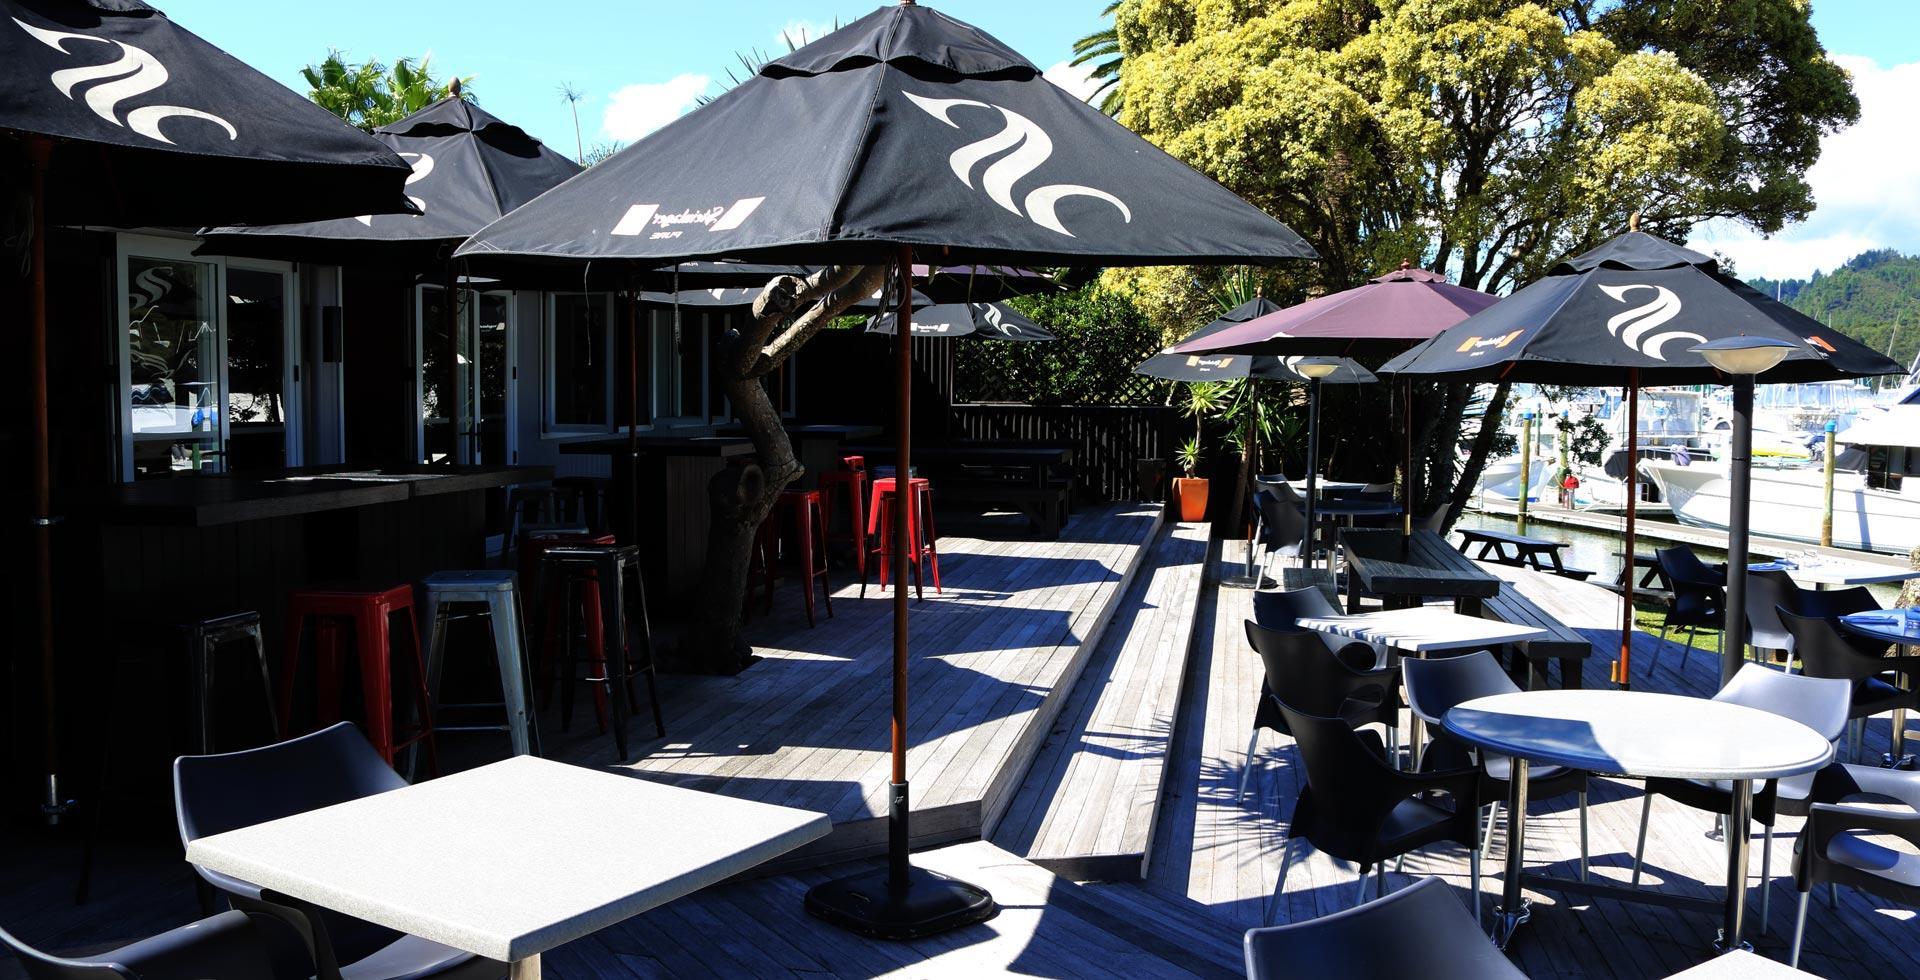 Salt Restaurant & Bar